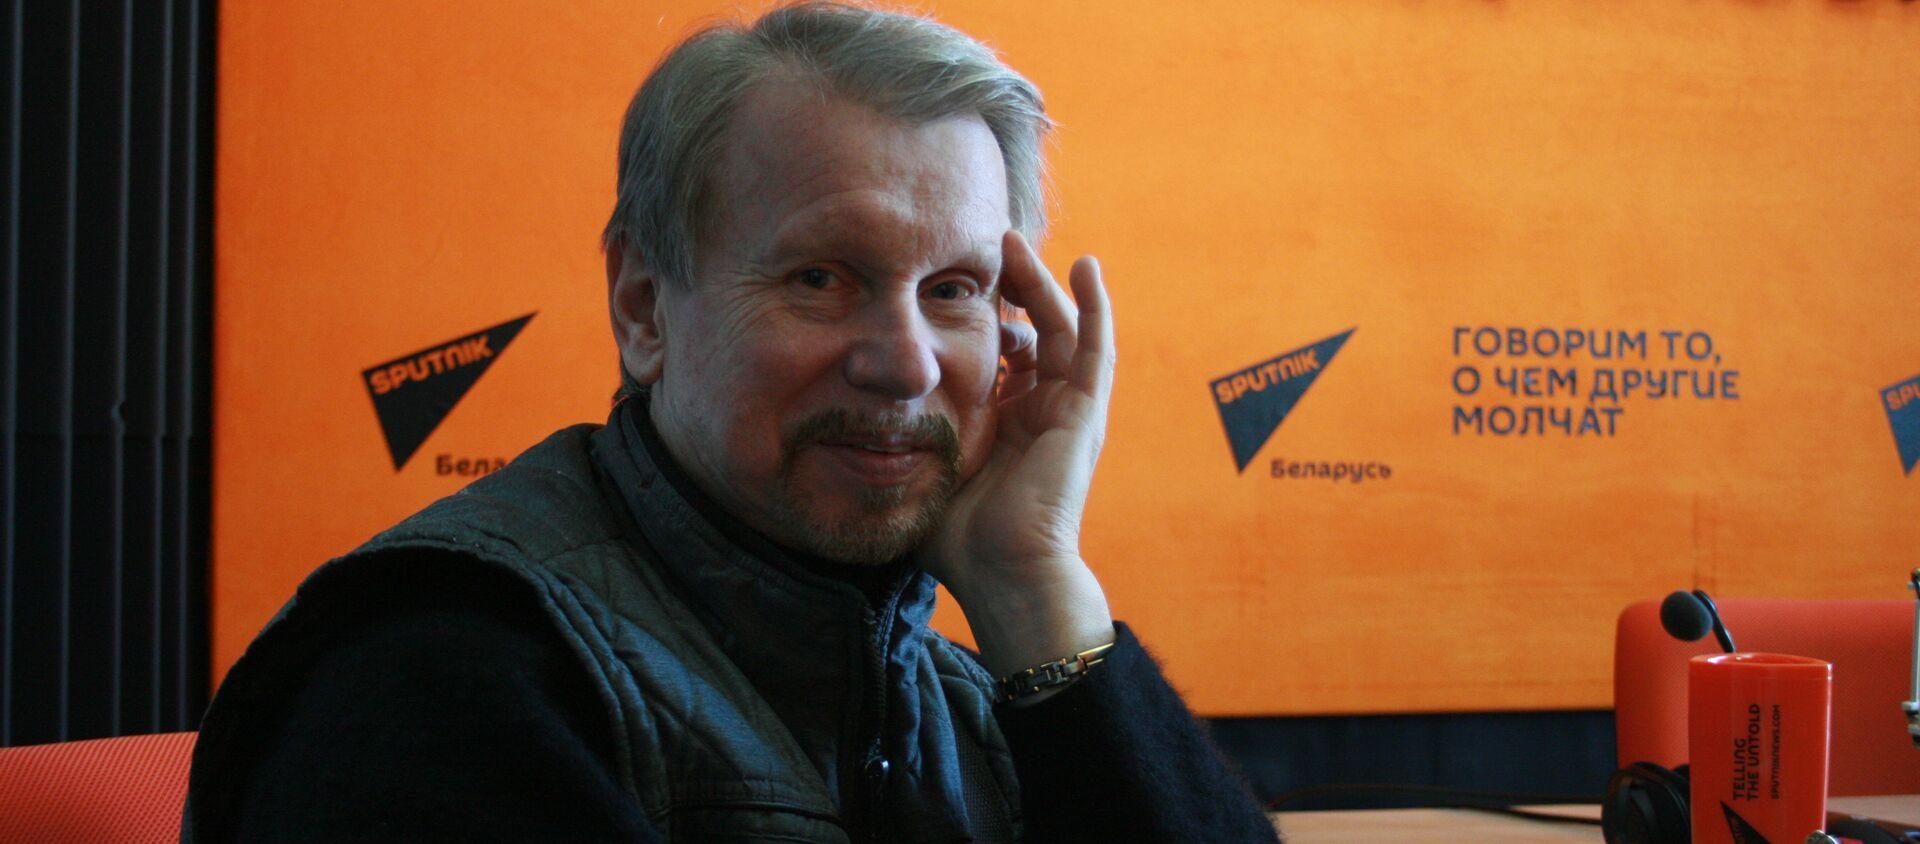 Пясняр Анатоль Кашапараў - Sputnik Беларусь, 1920, 13.01.2021